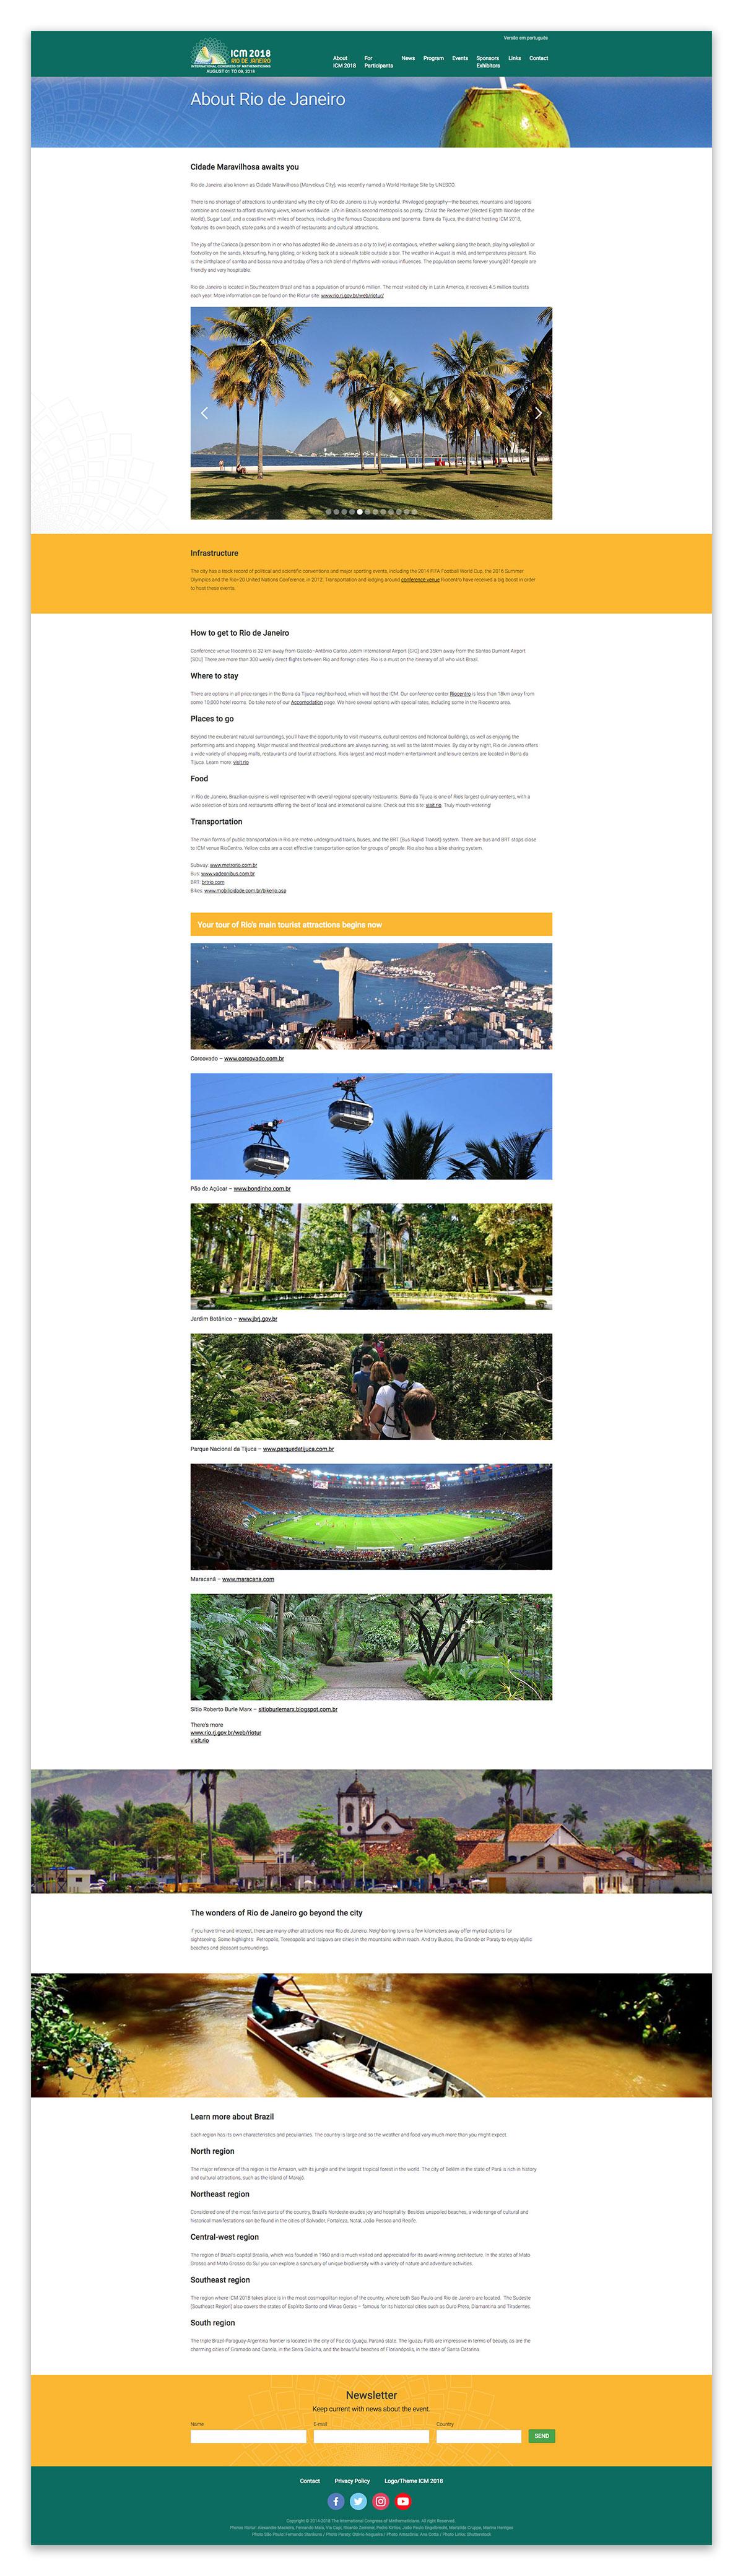 screencapture-icm2018-org-portal-en-about-rio-de-janeiro-1518592265589.jpg